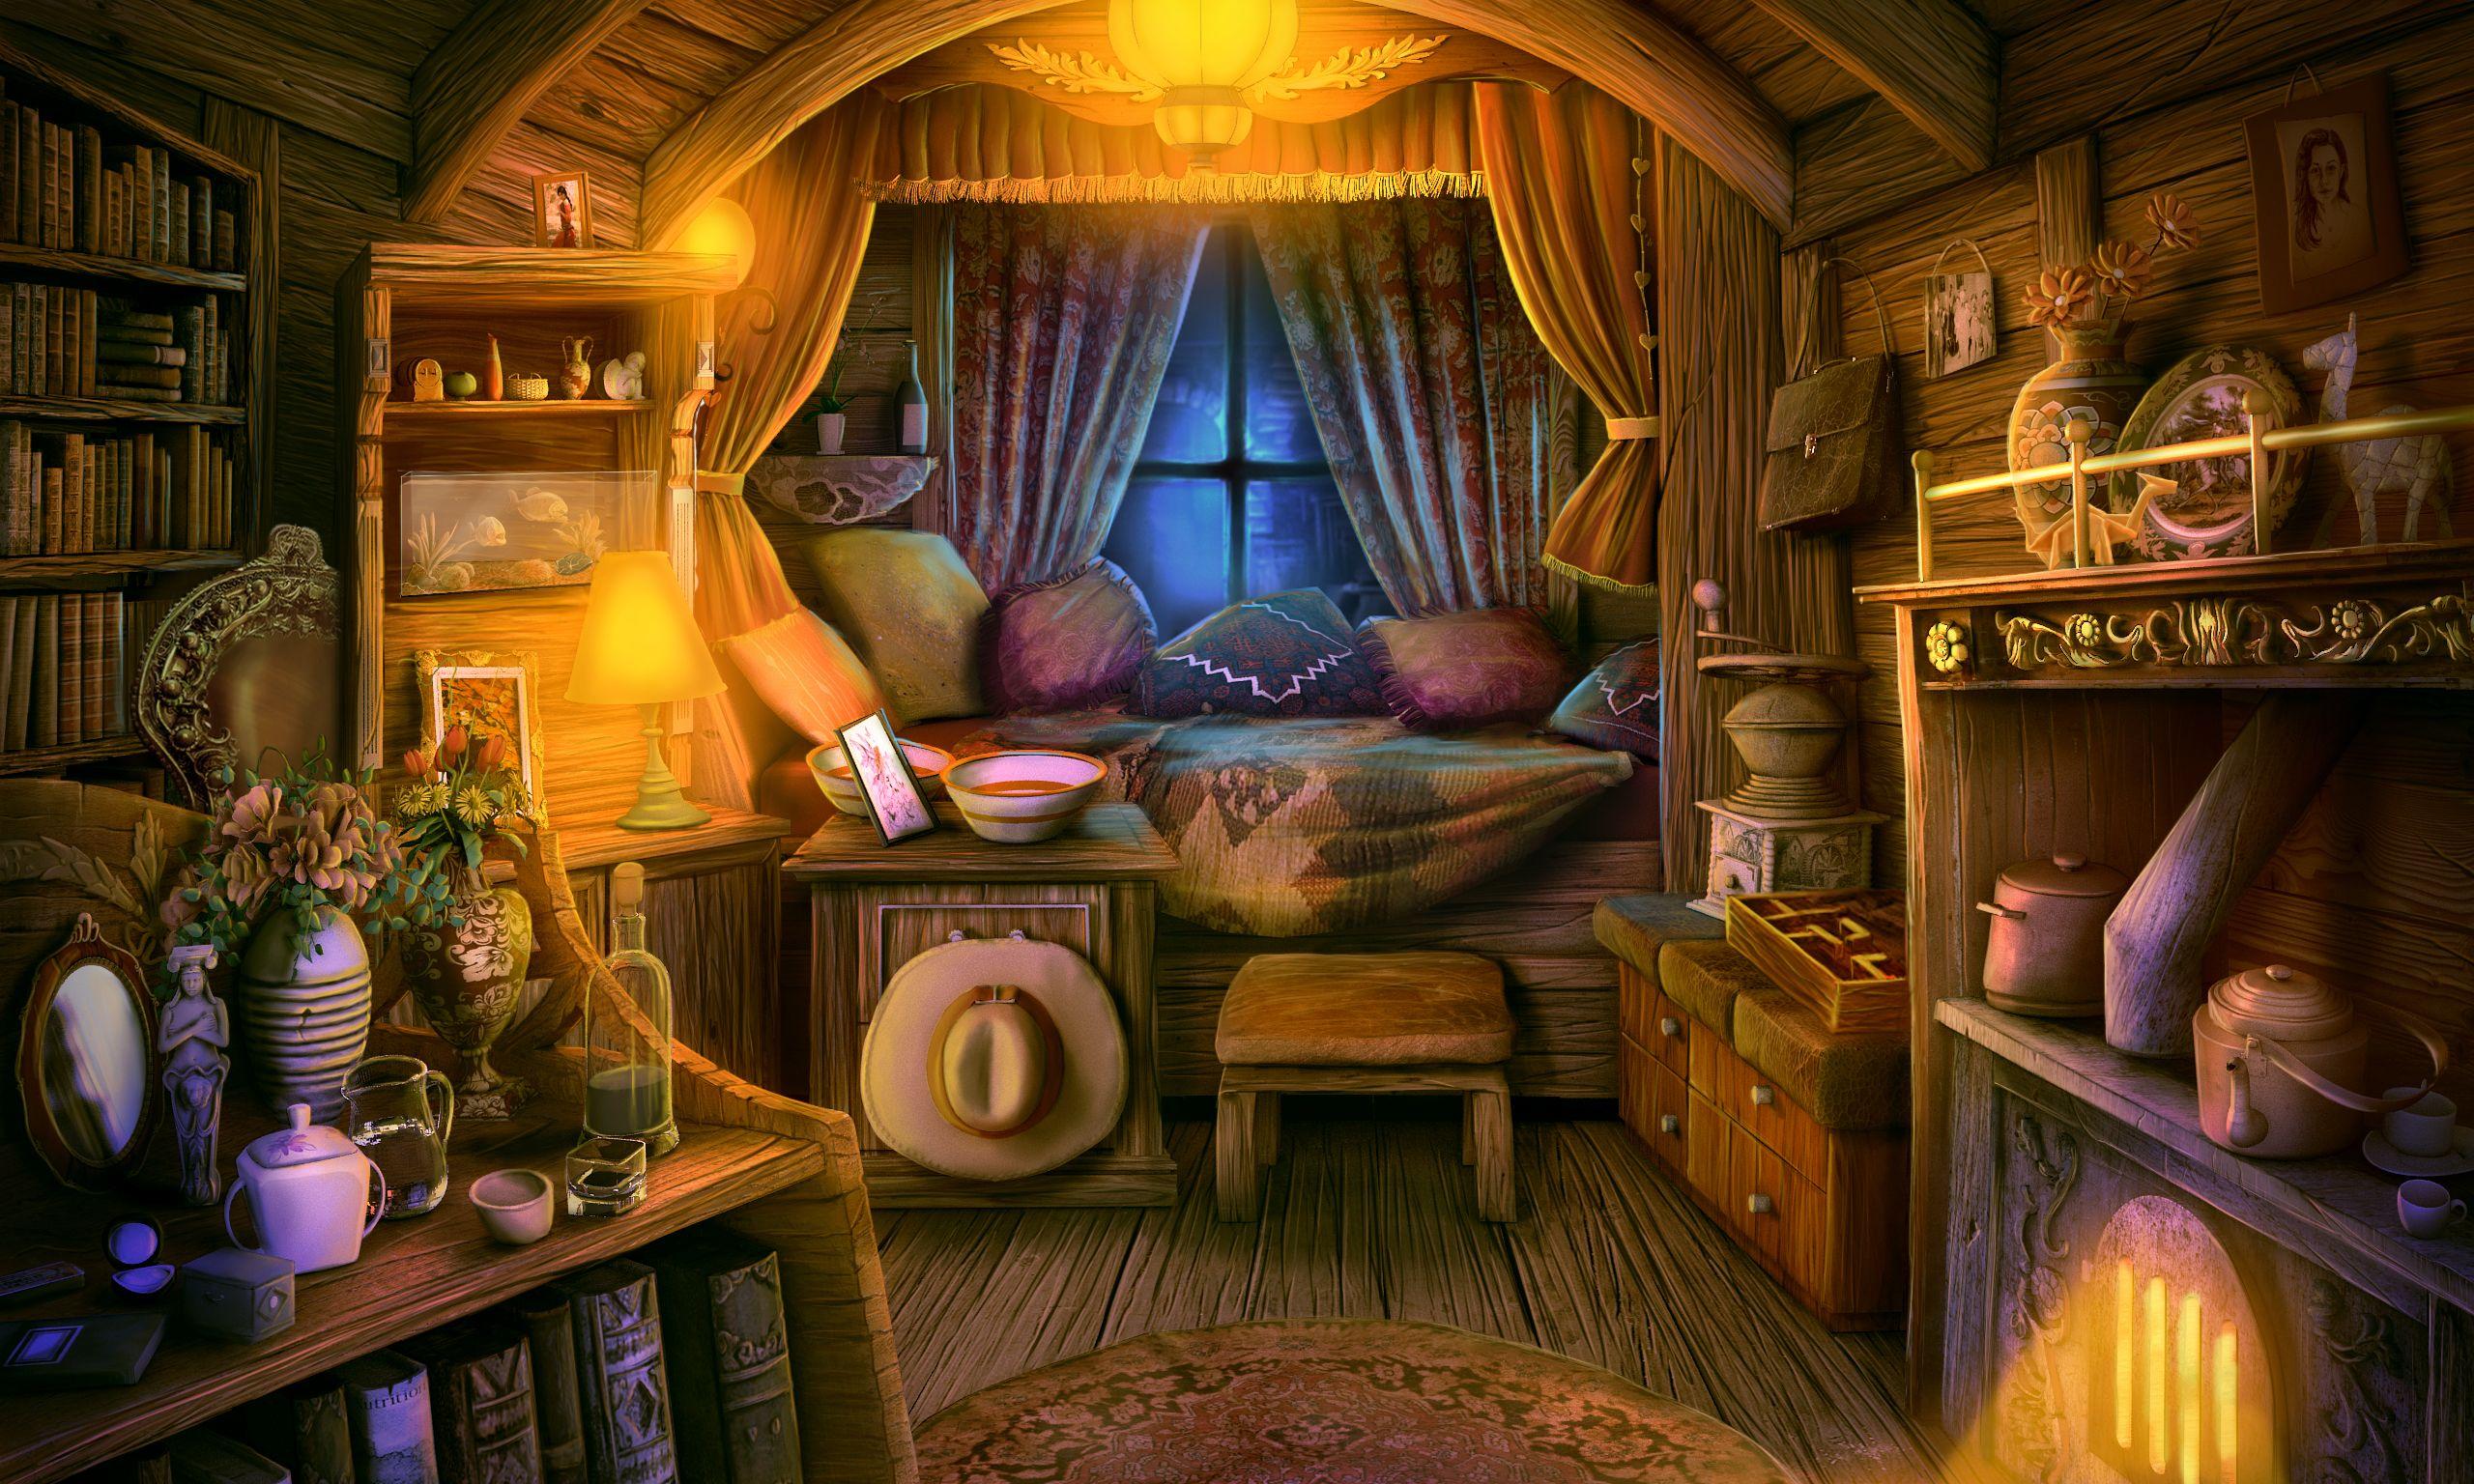 Art Gameart Gaming Gamedev Gamedevelopmentart Game Livingroom Room Furniture Vintage Fantasy Rooms Fantasy Art Landscapes Anime Scenery The top fantasy rooms